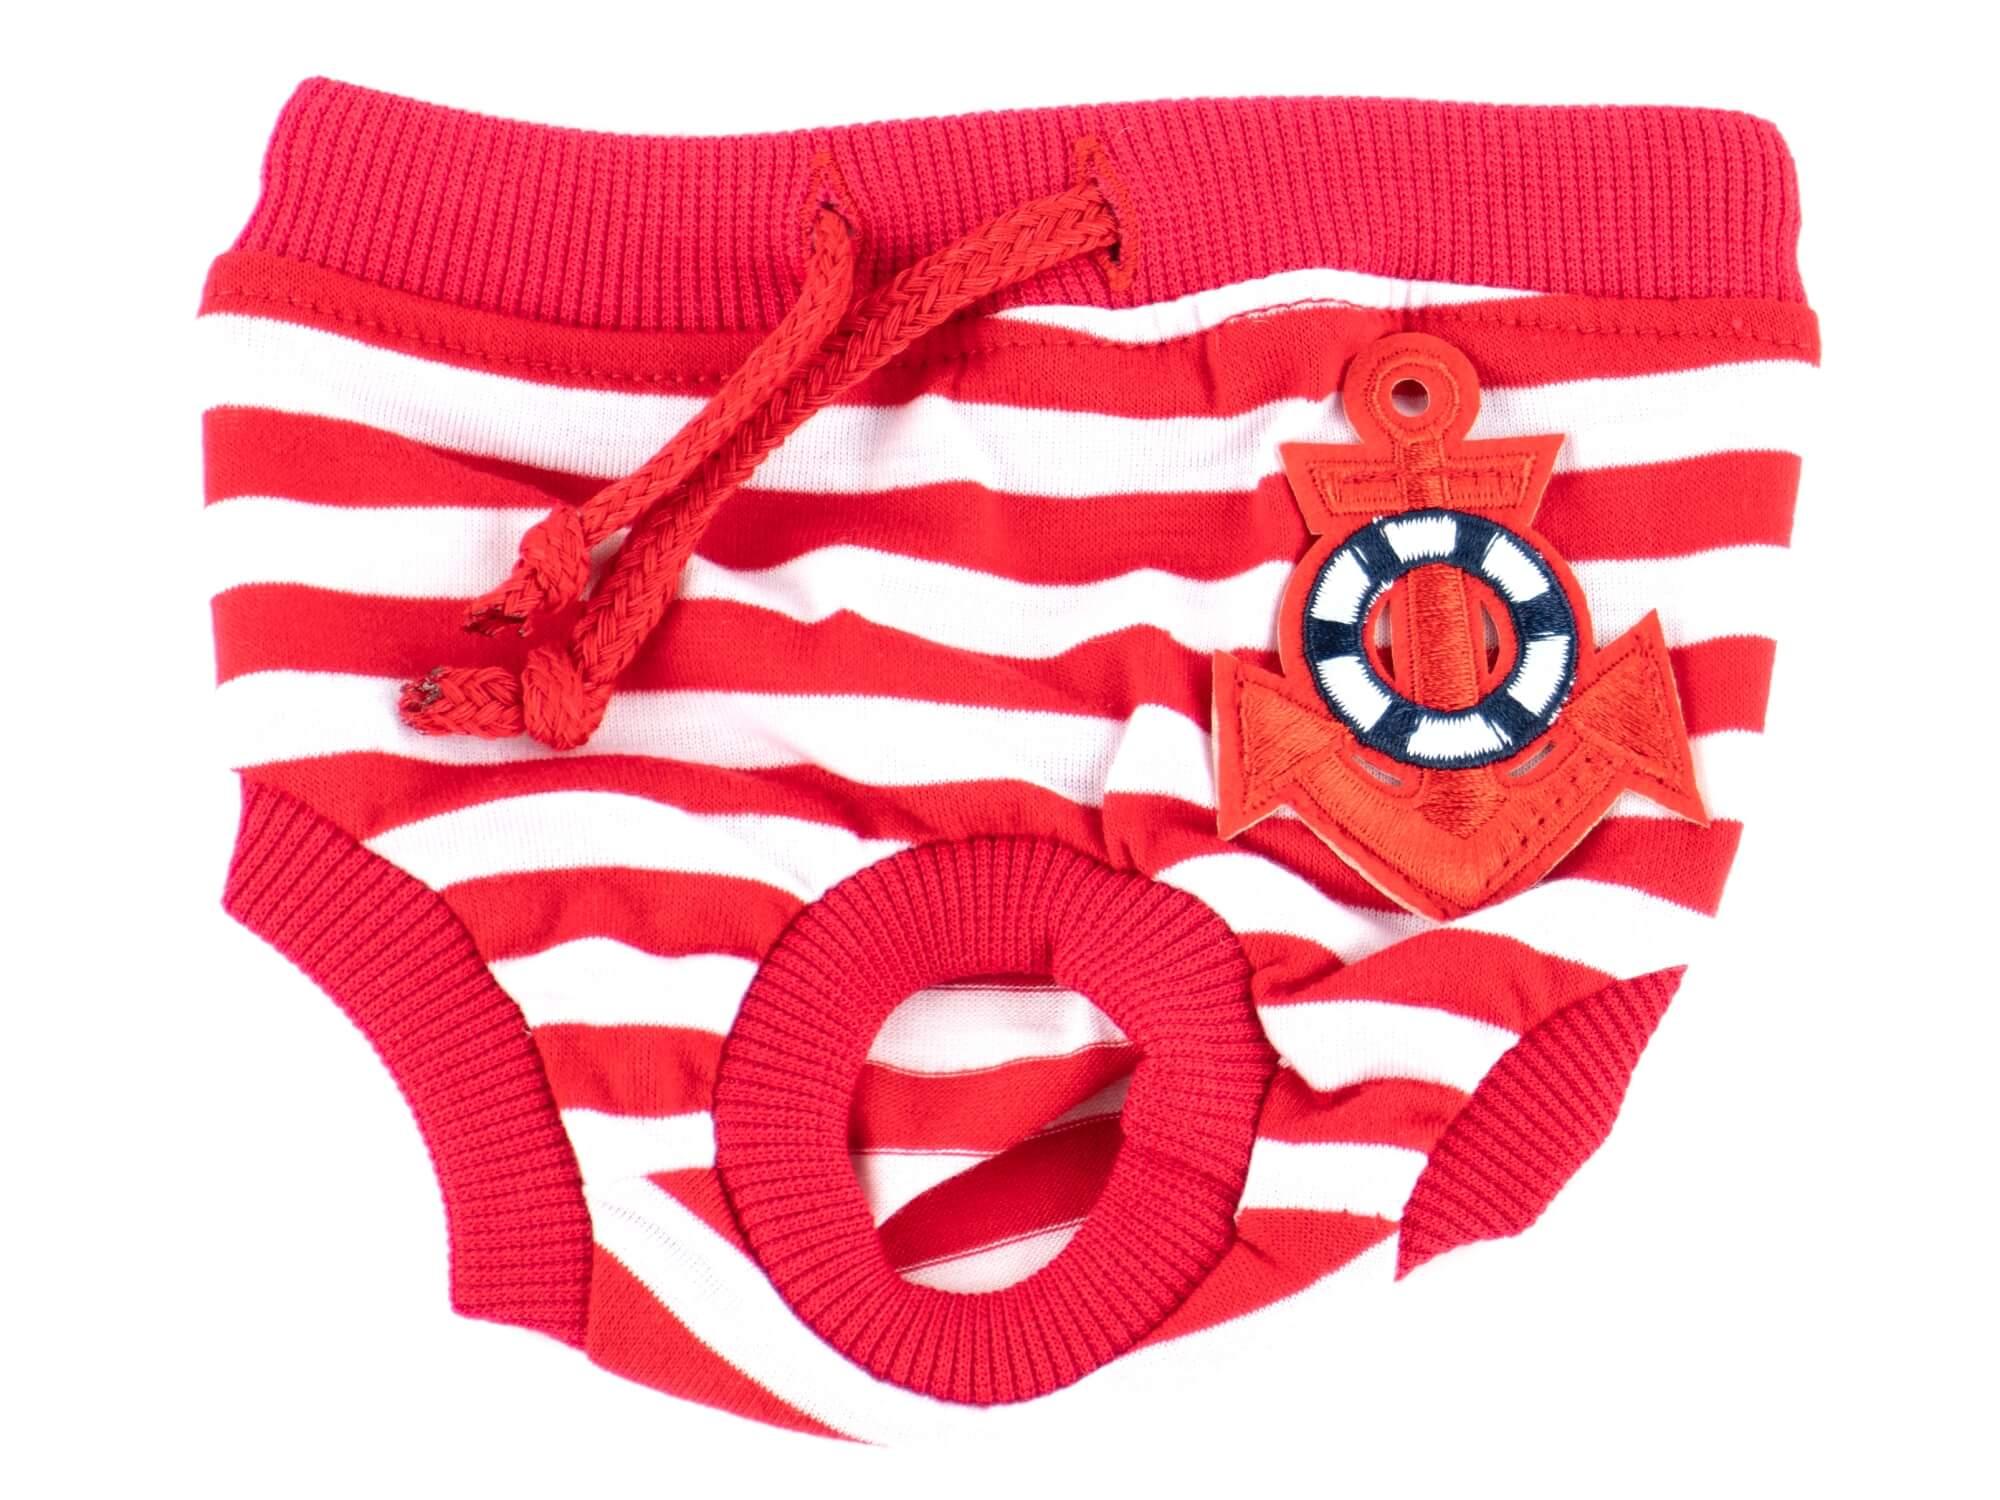 Vsepropejska Absorb červené hárací kalhotky pro psa s kotvou Obvod slabin: 43 - 58 cm